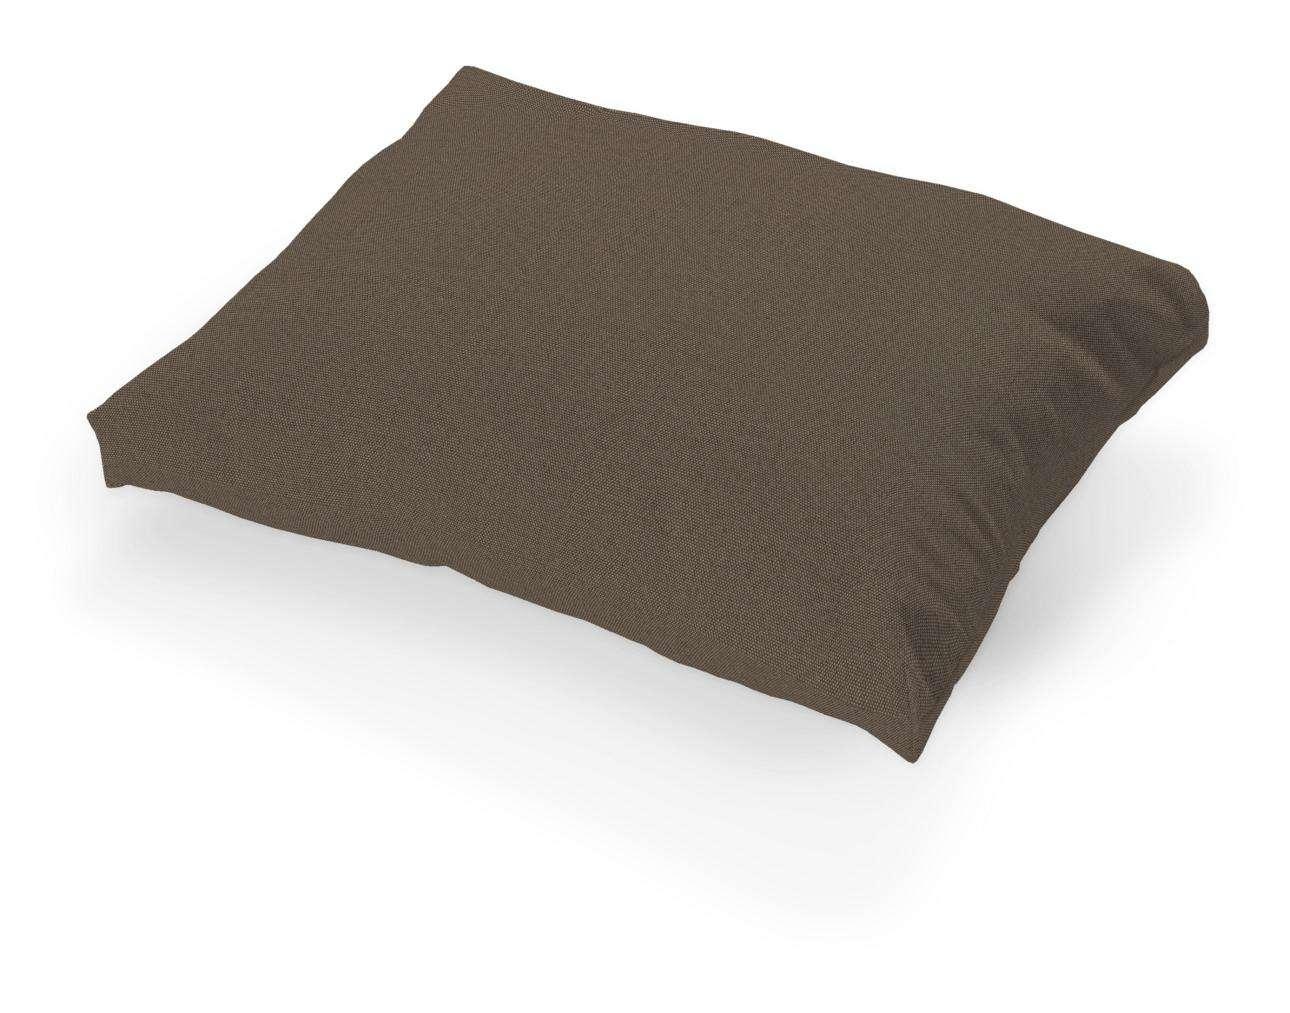 Kissenhülle für ein Kissen Tylösand 1 Stck Tylösand von der Kollektion Etna, Stoff: 705-08